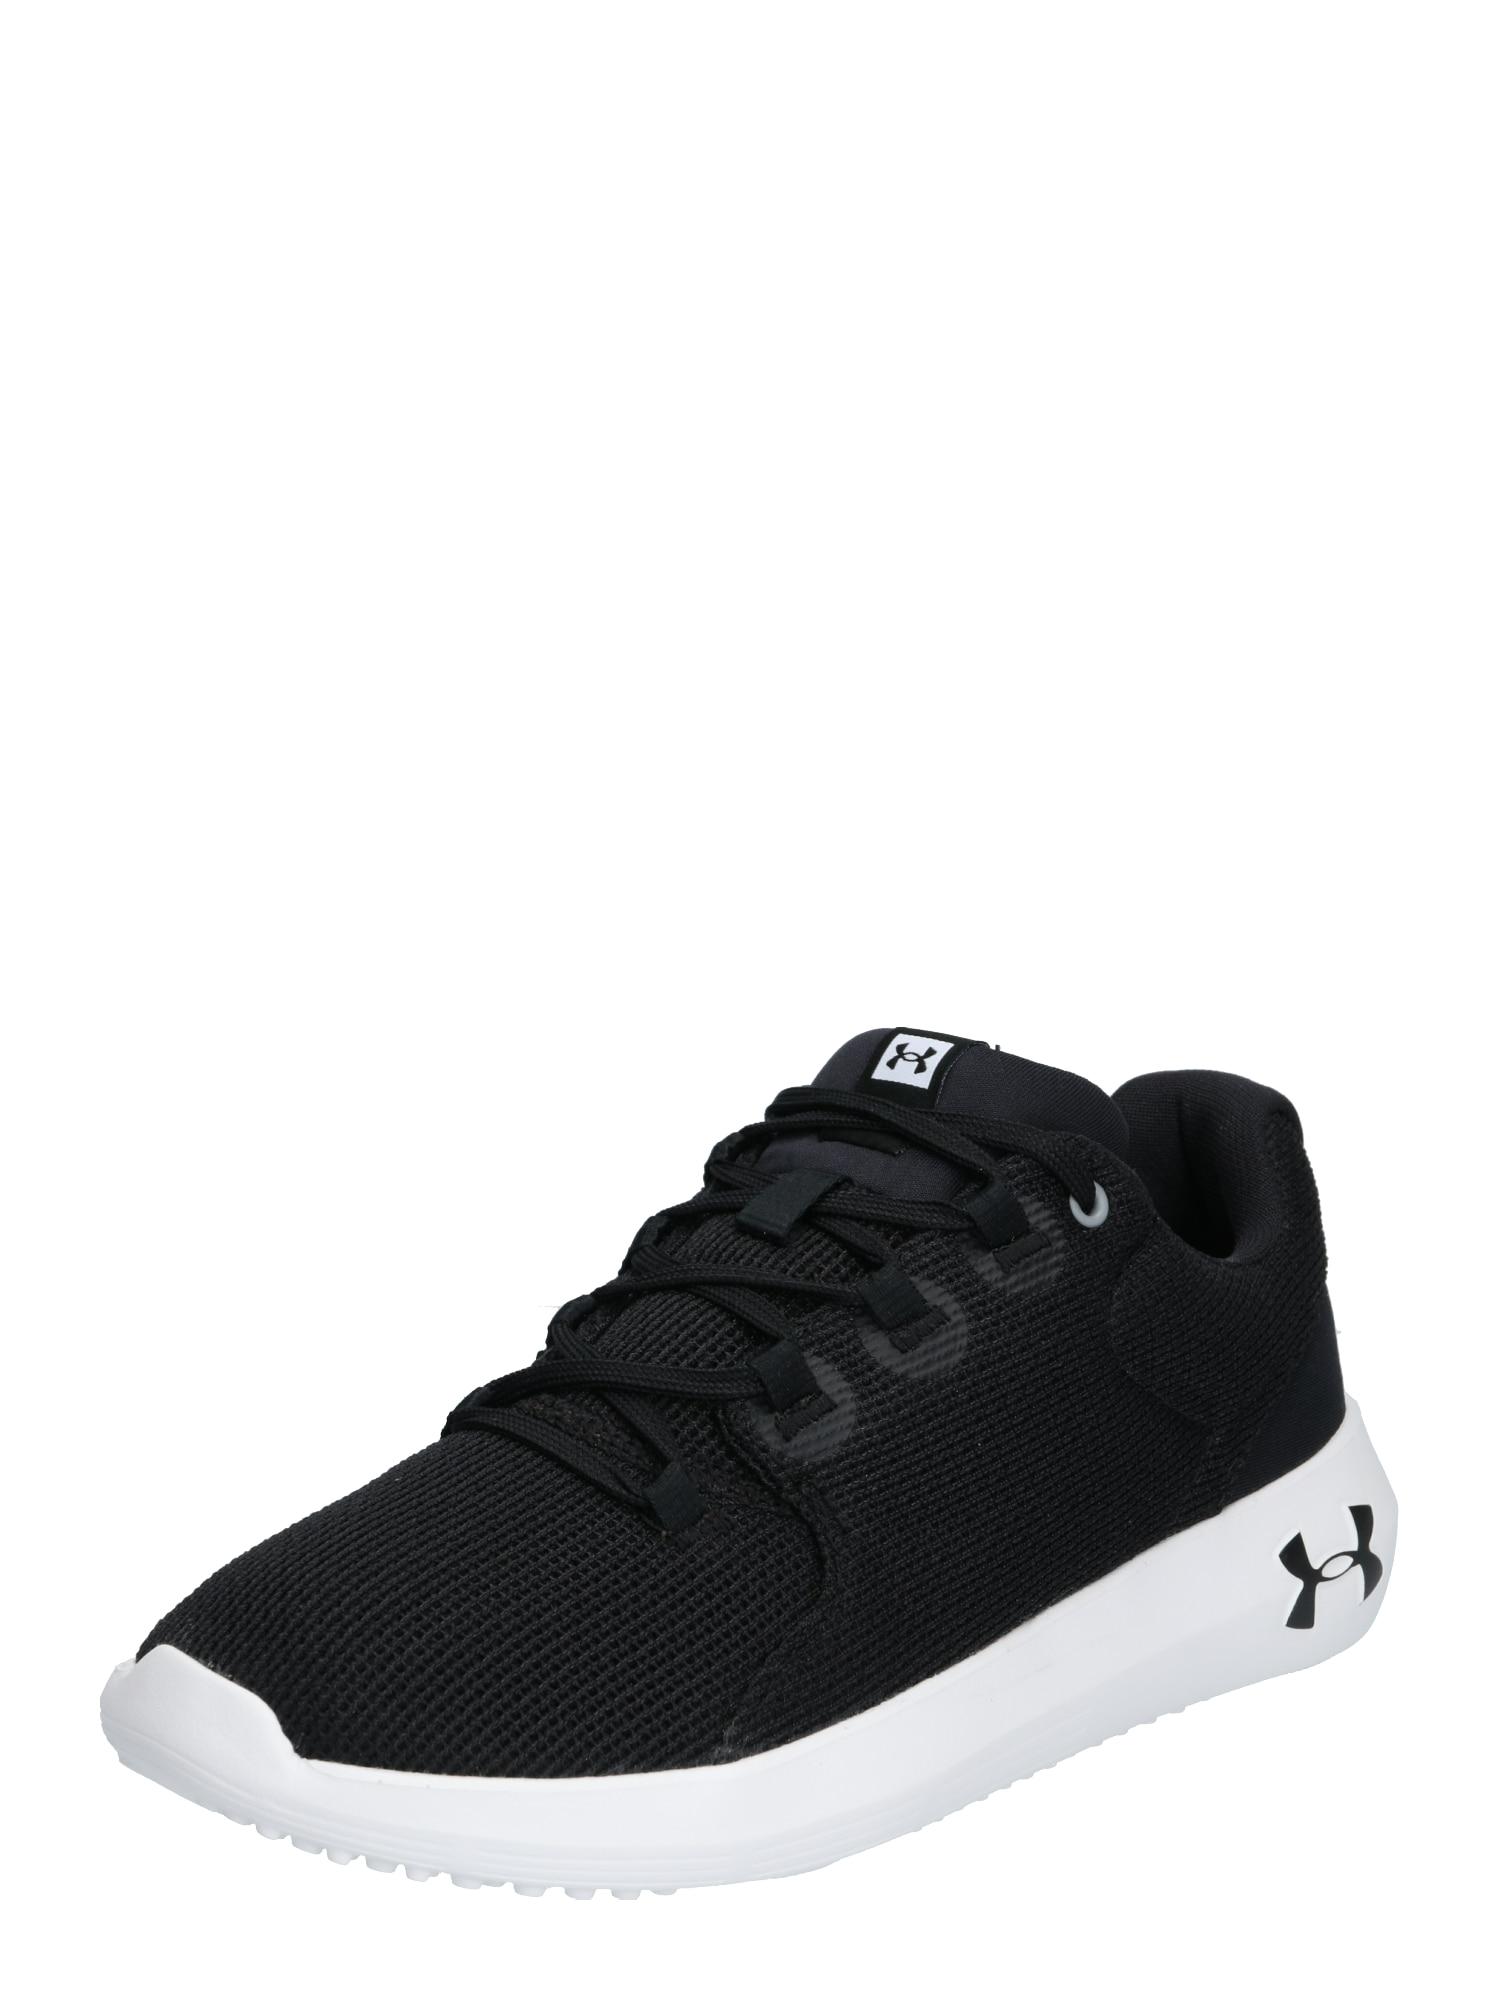 UNDER ARMOUR Sportiniai batai 'Ripple 2.0' juoda / balta